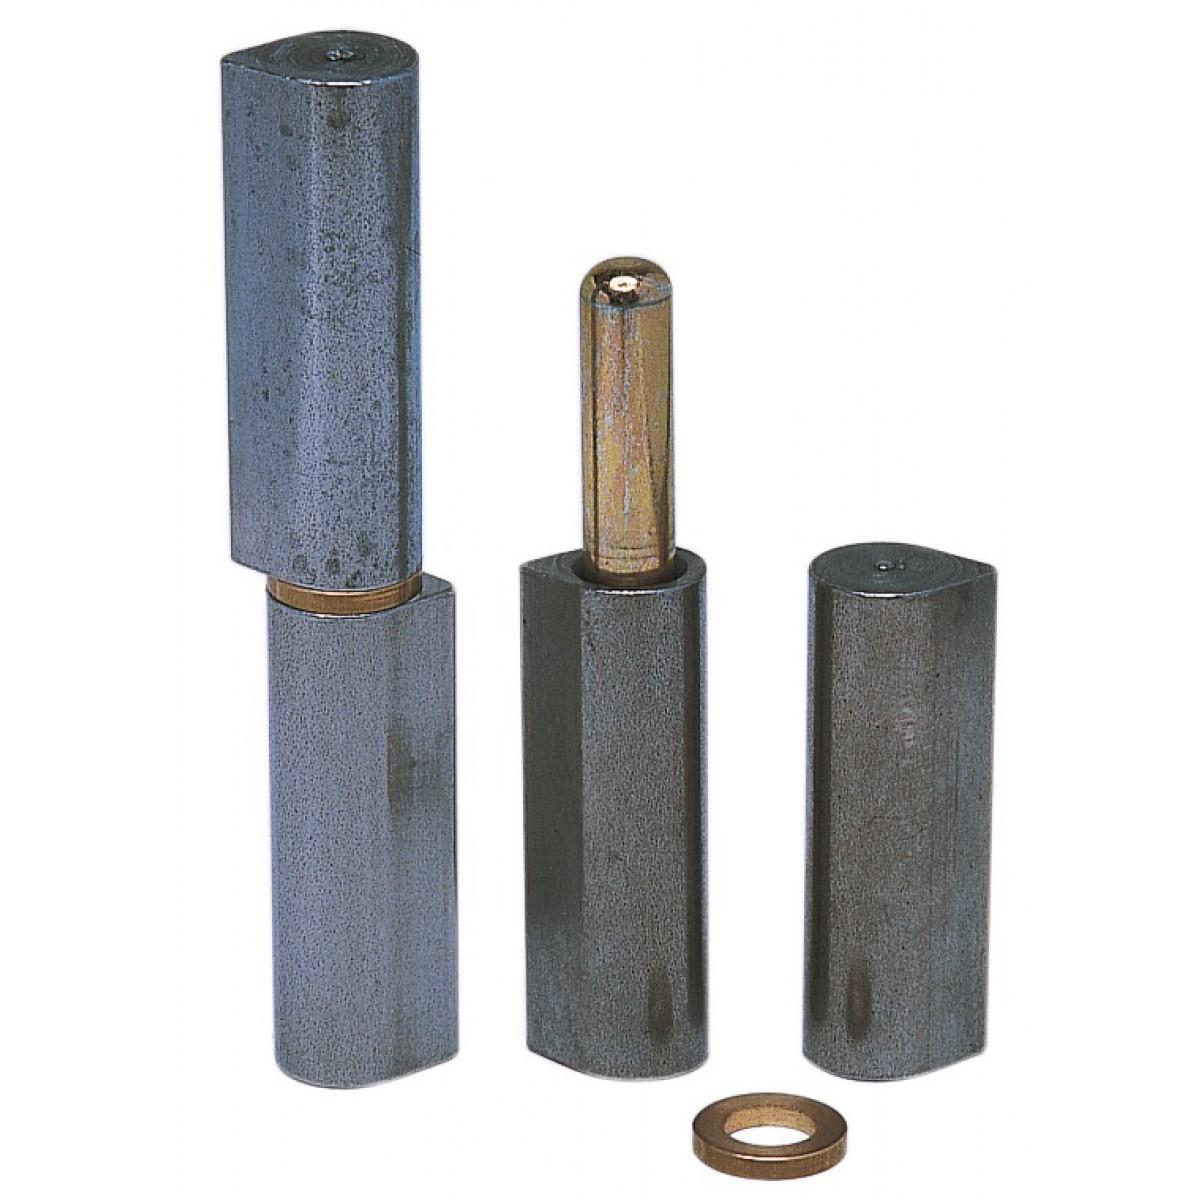 Paumelle à souder Monin - Diamètre Broche 7 mm - Hauteur 80,6 mm